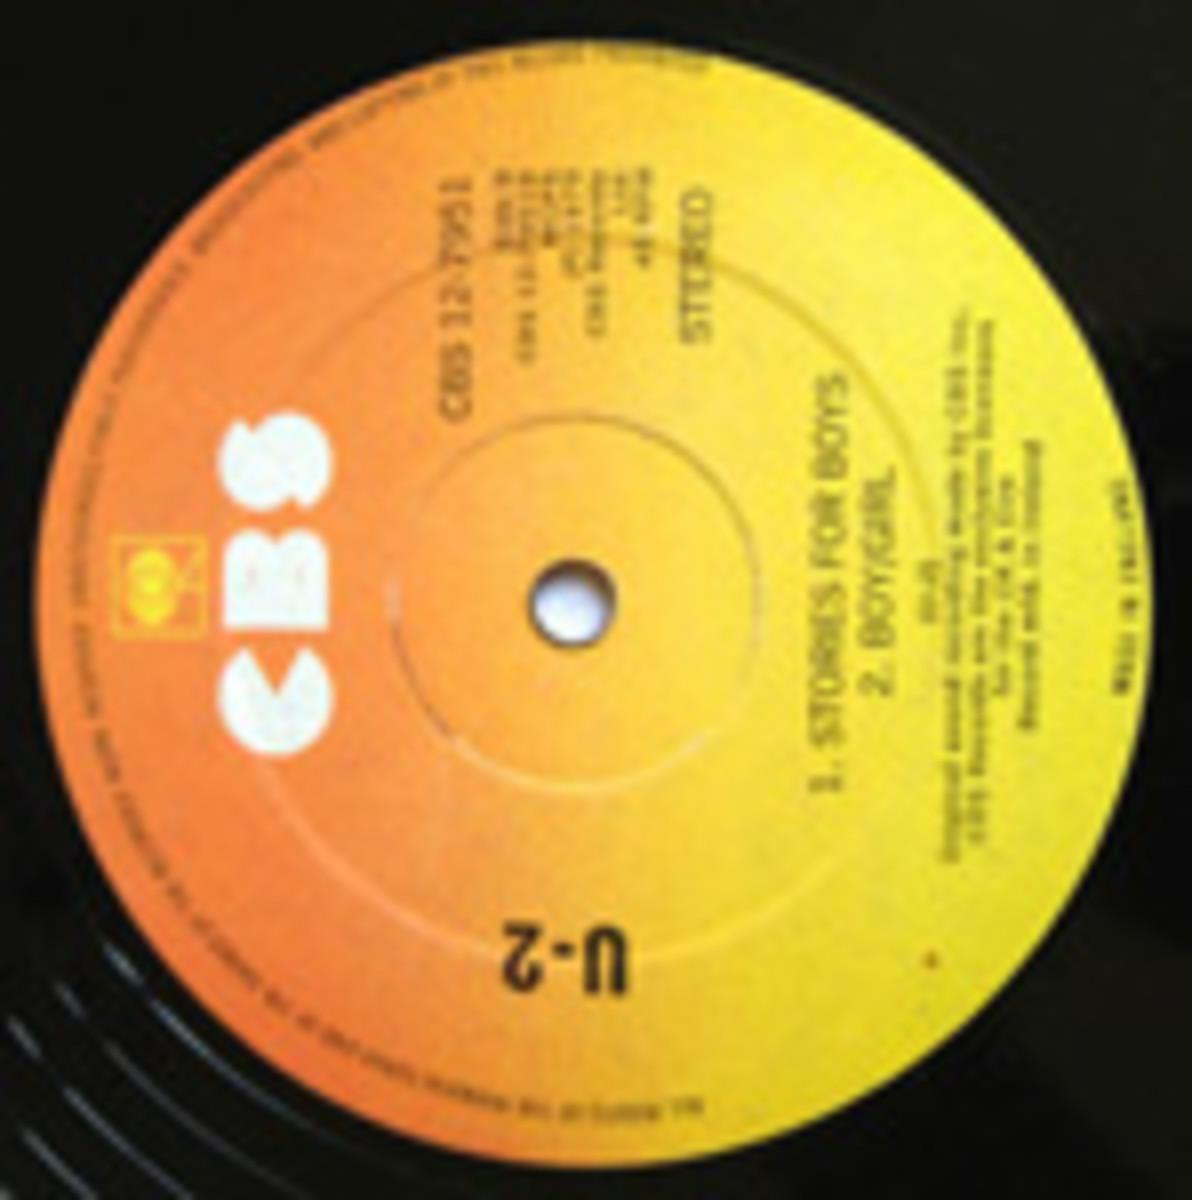 U2 Three CBS 12-inch